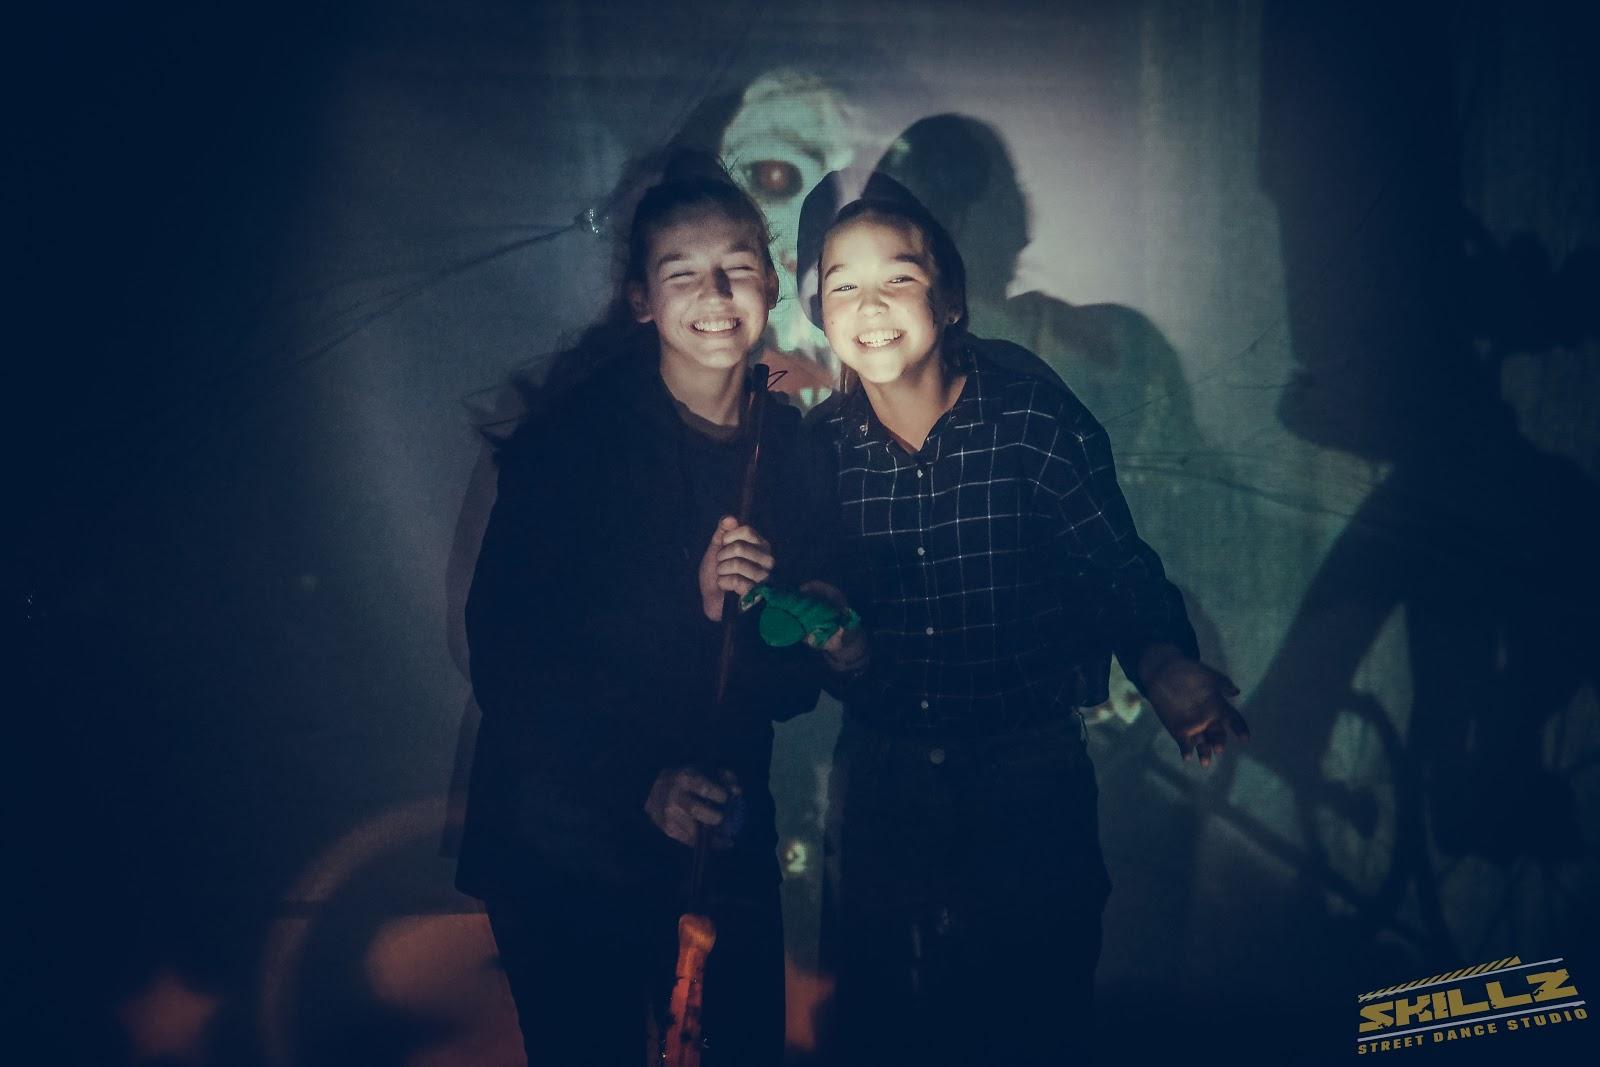 Naujikų krikštynos @SKILLZ (Halloween tema) - PANA1515.jpg